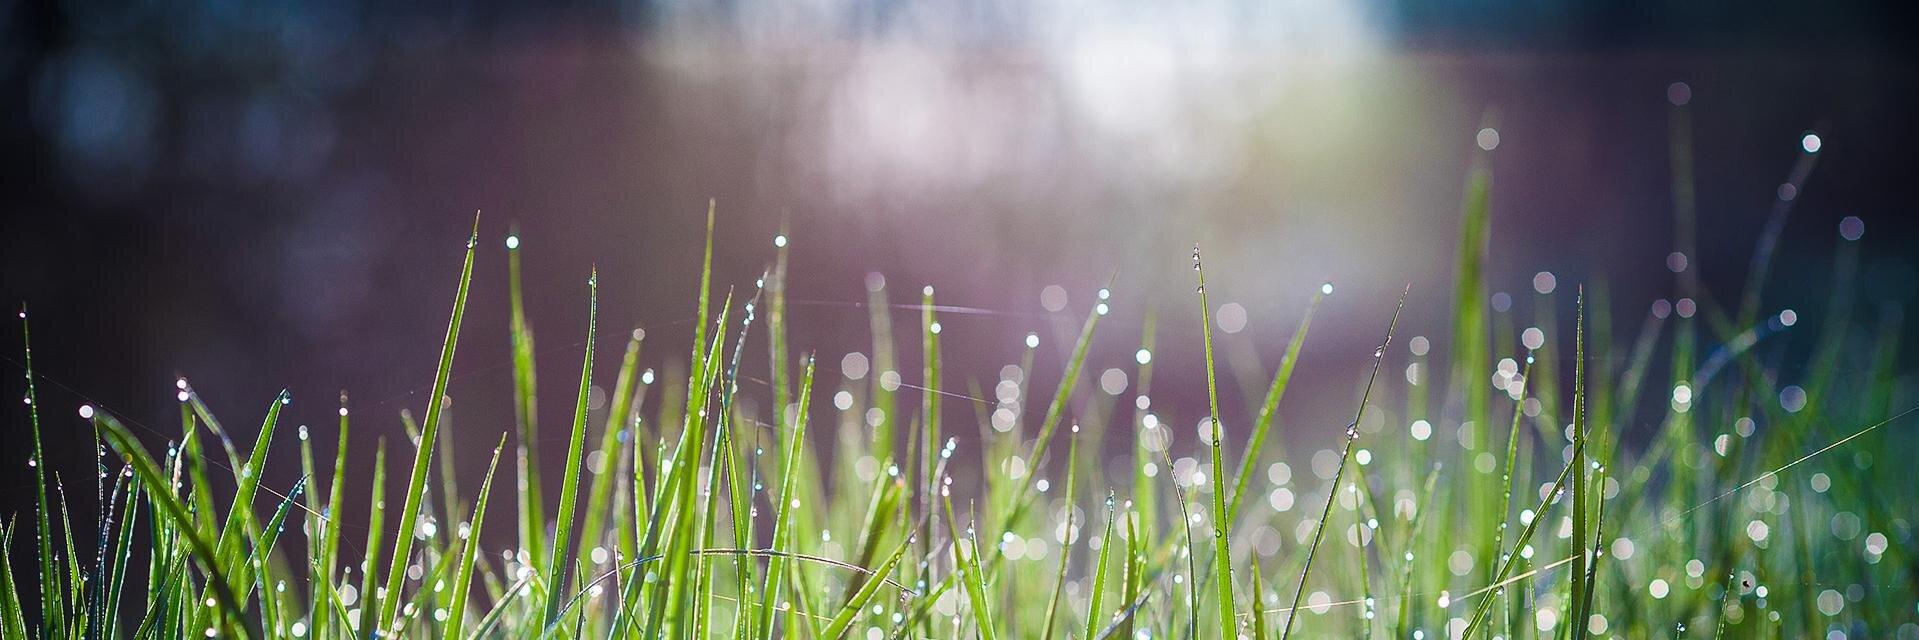 масла соль картинки на телефон лето дождь дерево плакучей